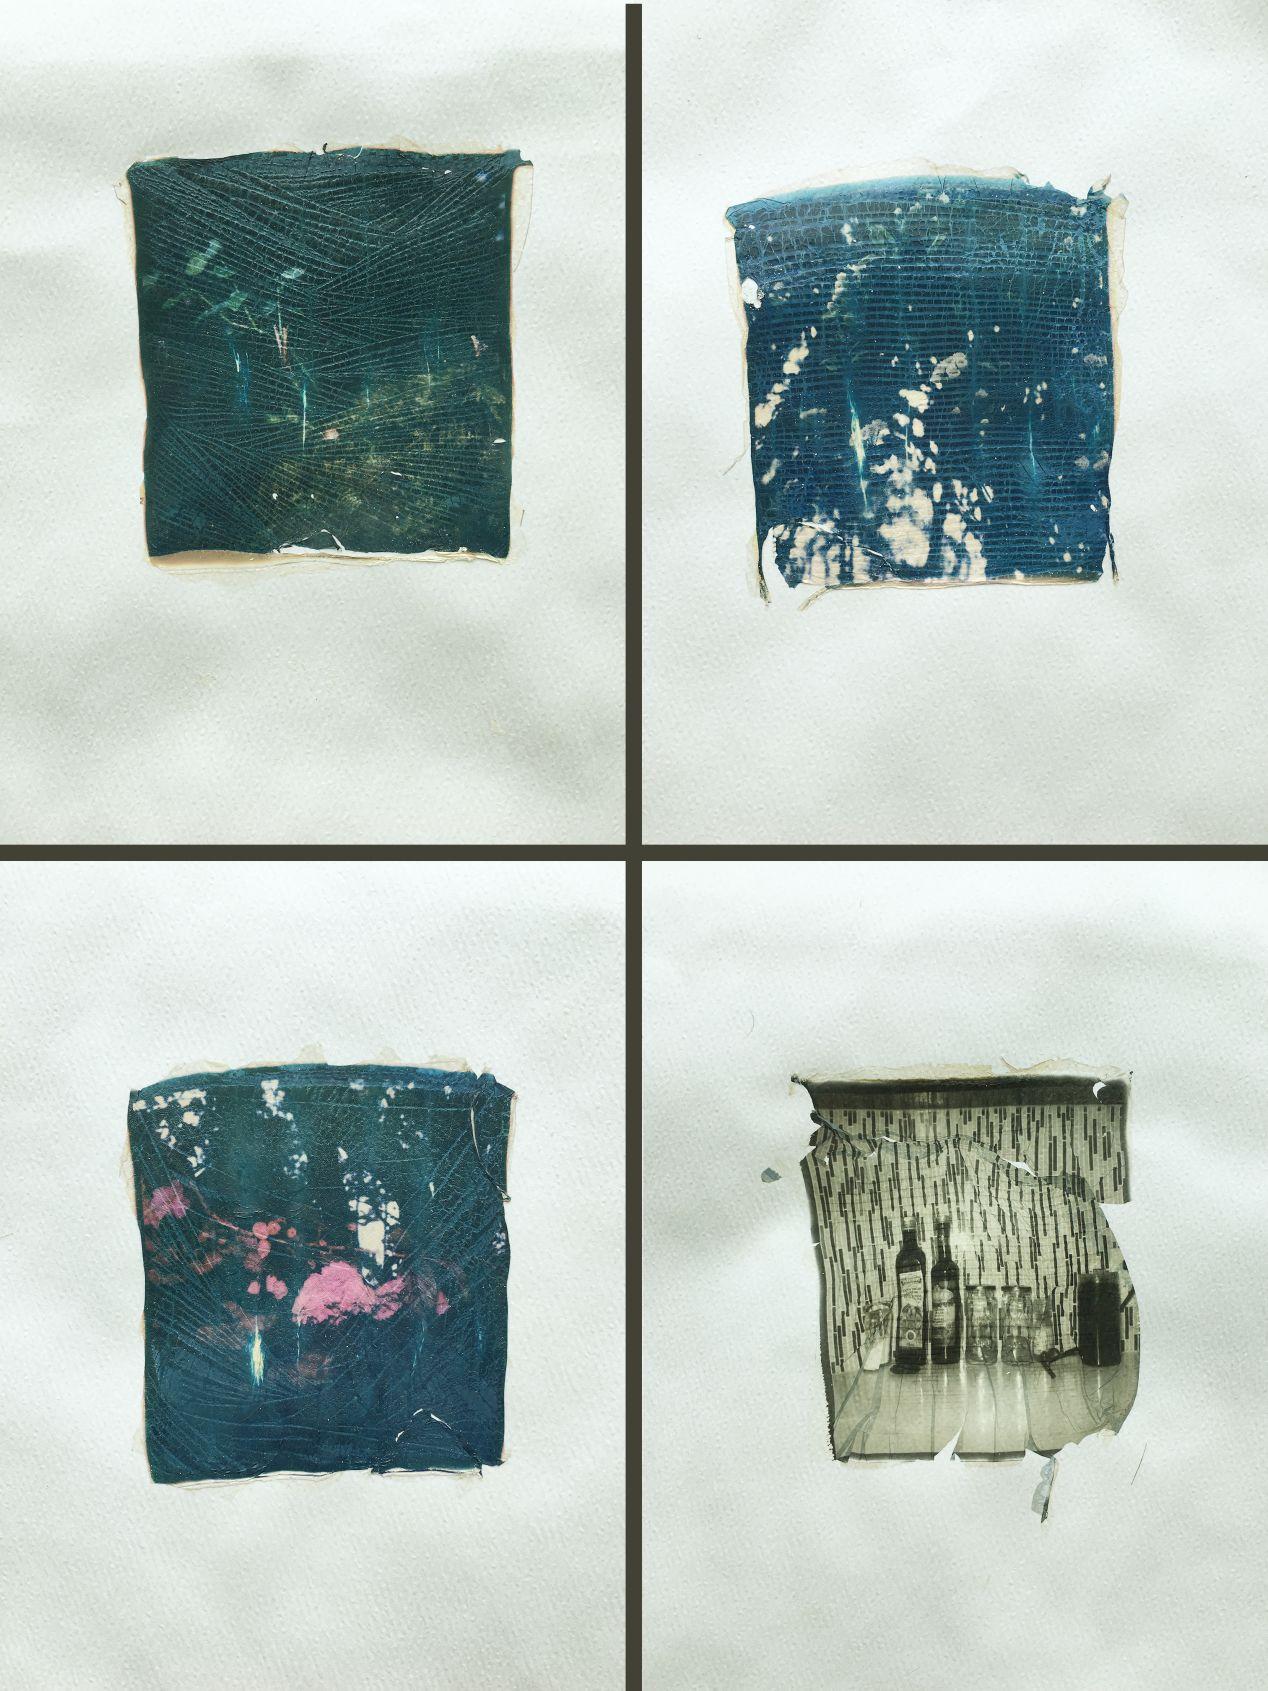 Unsatisfactory polaroid emulsion lifts.